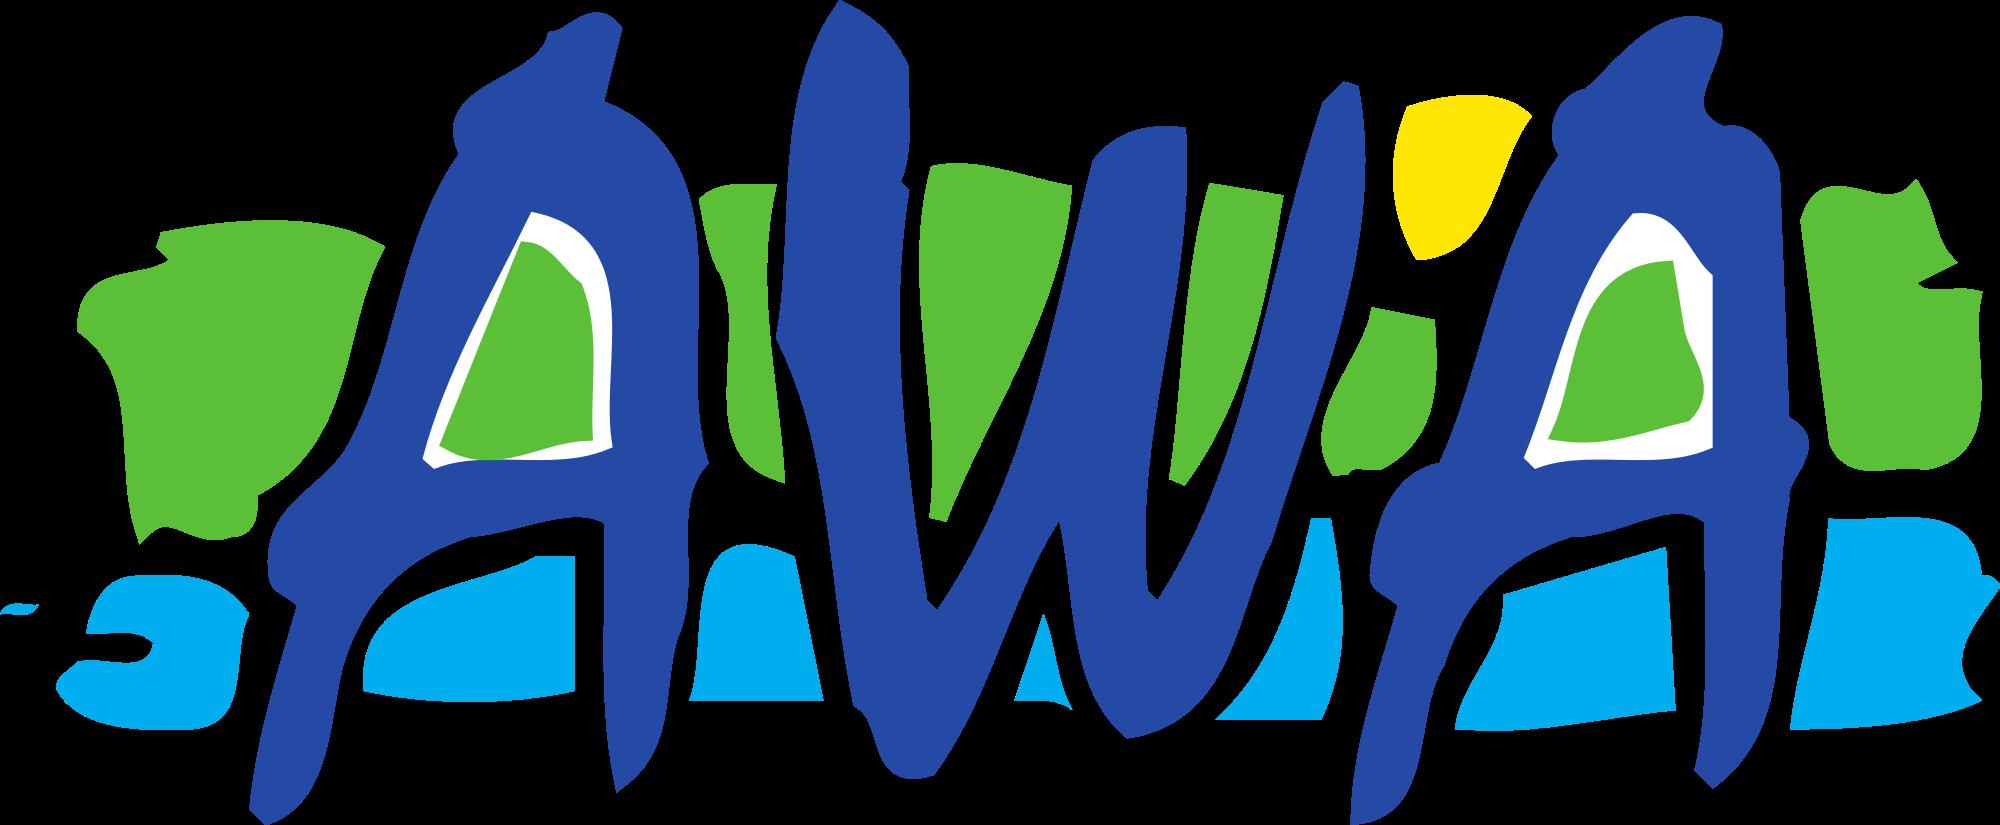 Weesen svg #15, Download drawings